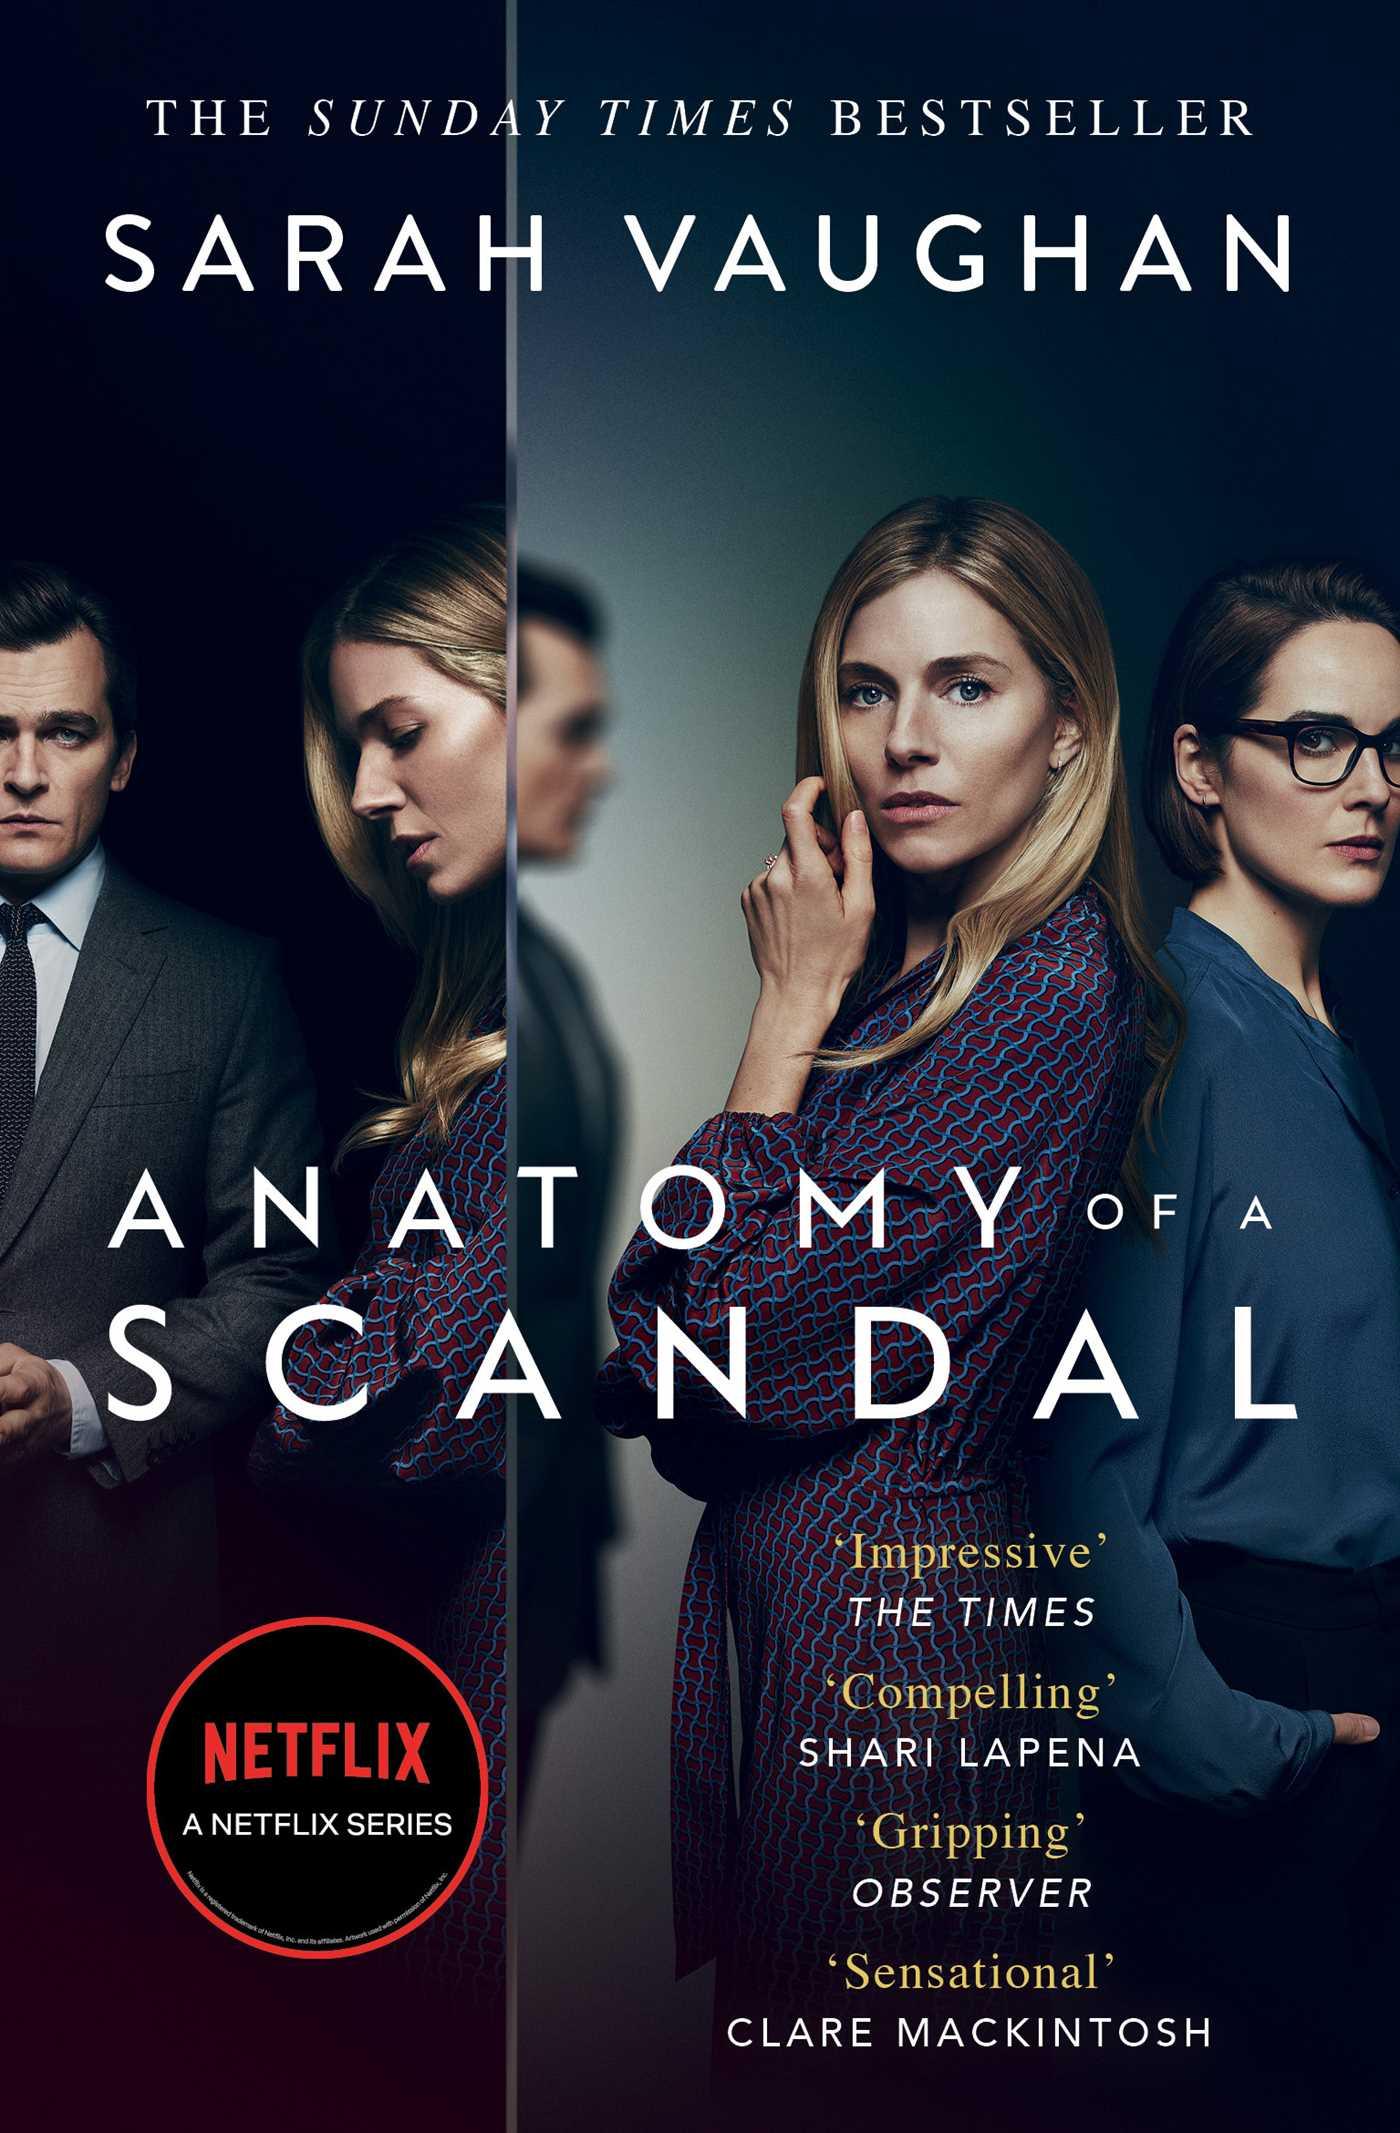 Anatomy of a scandal 9781471165016 hr